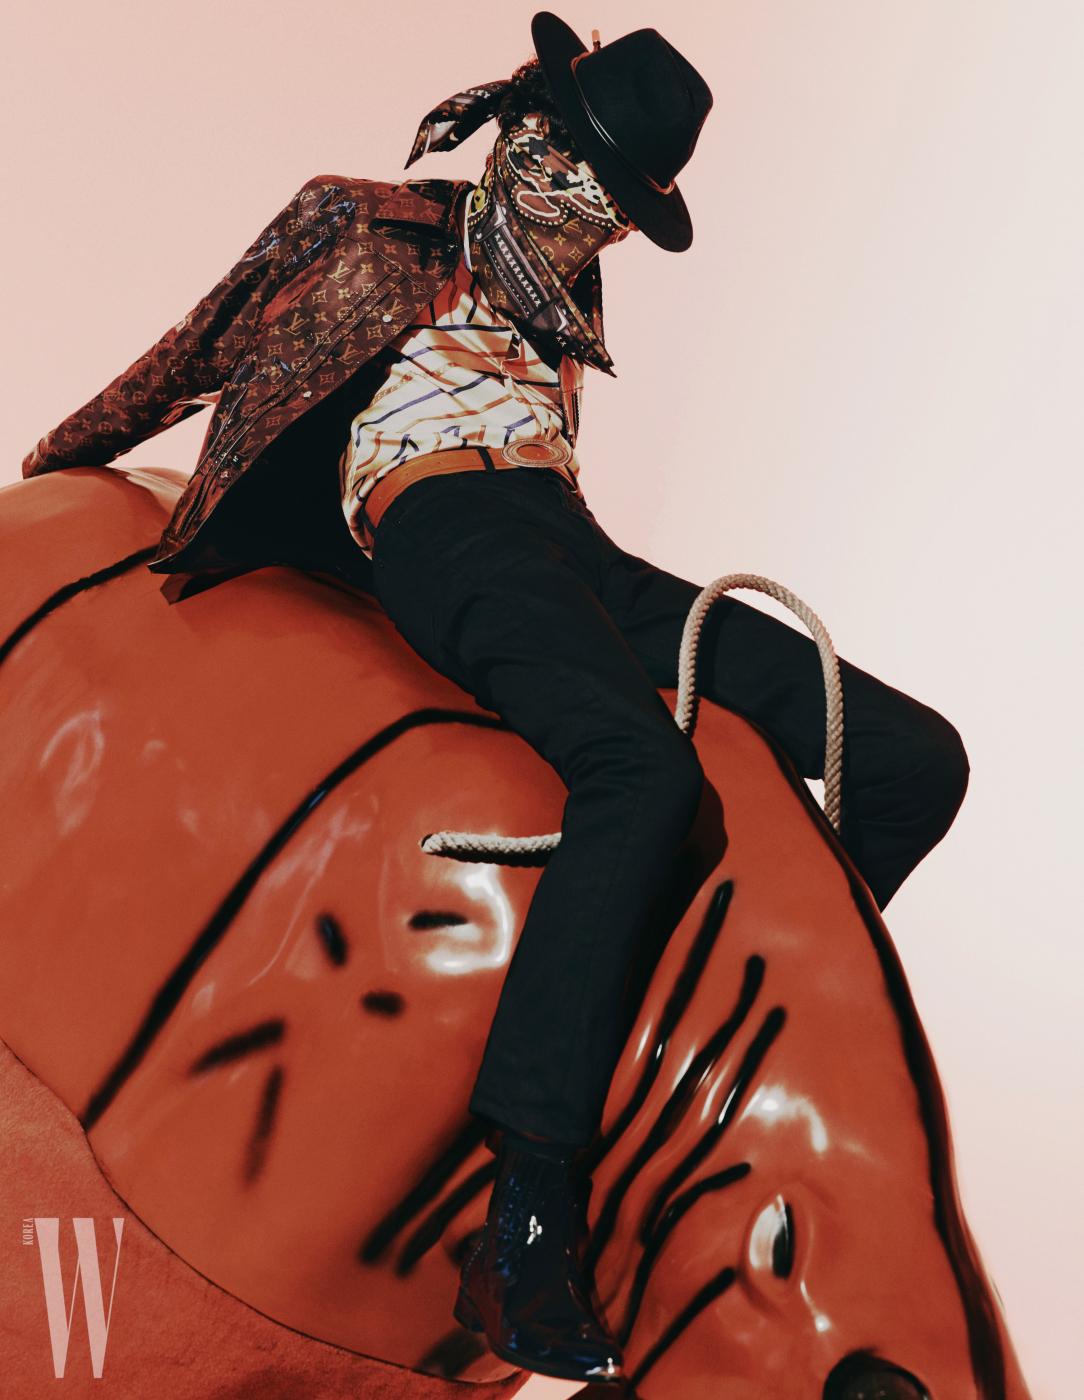 로고 패턴 재킷, 팬츠, 스카프는 모두 루이 비통 제품. 재킷은1천 30만원, 팬츠, 스카프는 가격 미정. 실크 셔츠는 펜디 제품1. 백45만원. 모자는 앤아더스토리즈 제품. 6만9천원. 벨트, 부츠는 우영미 제품. 가격 미정.